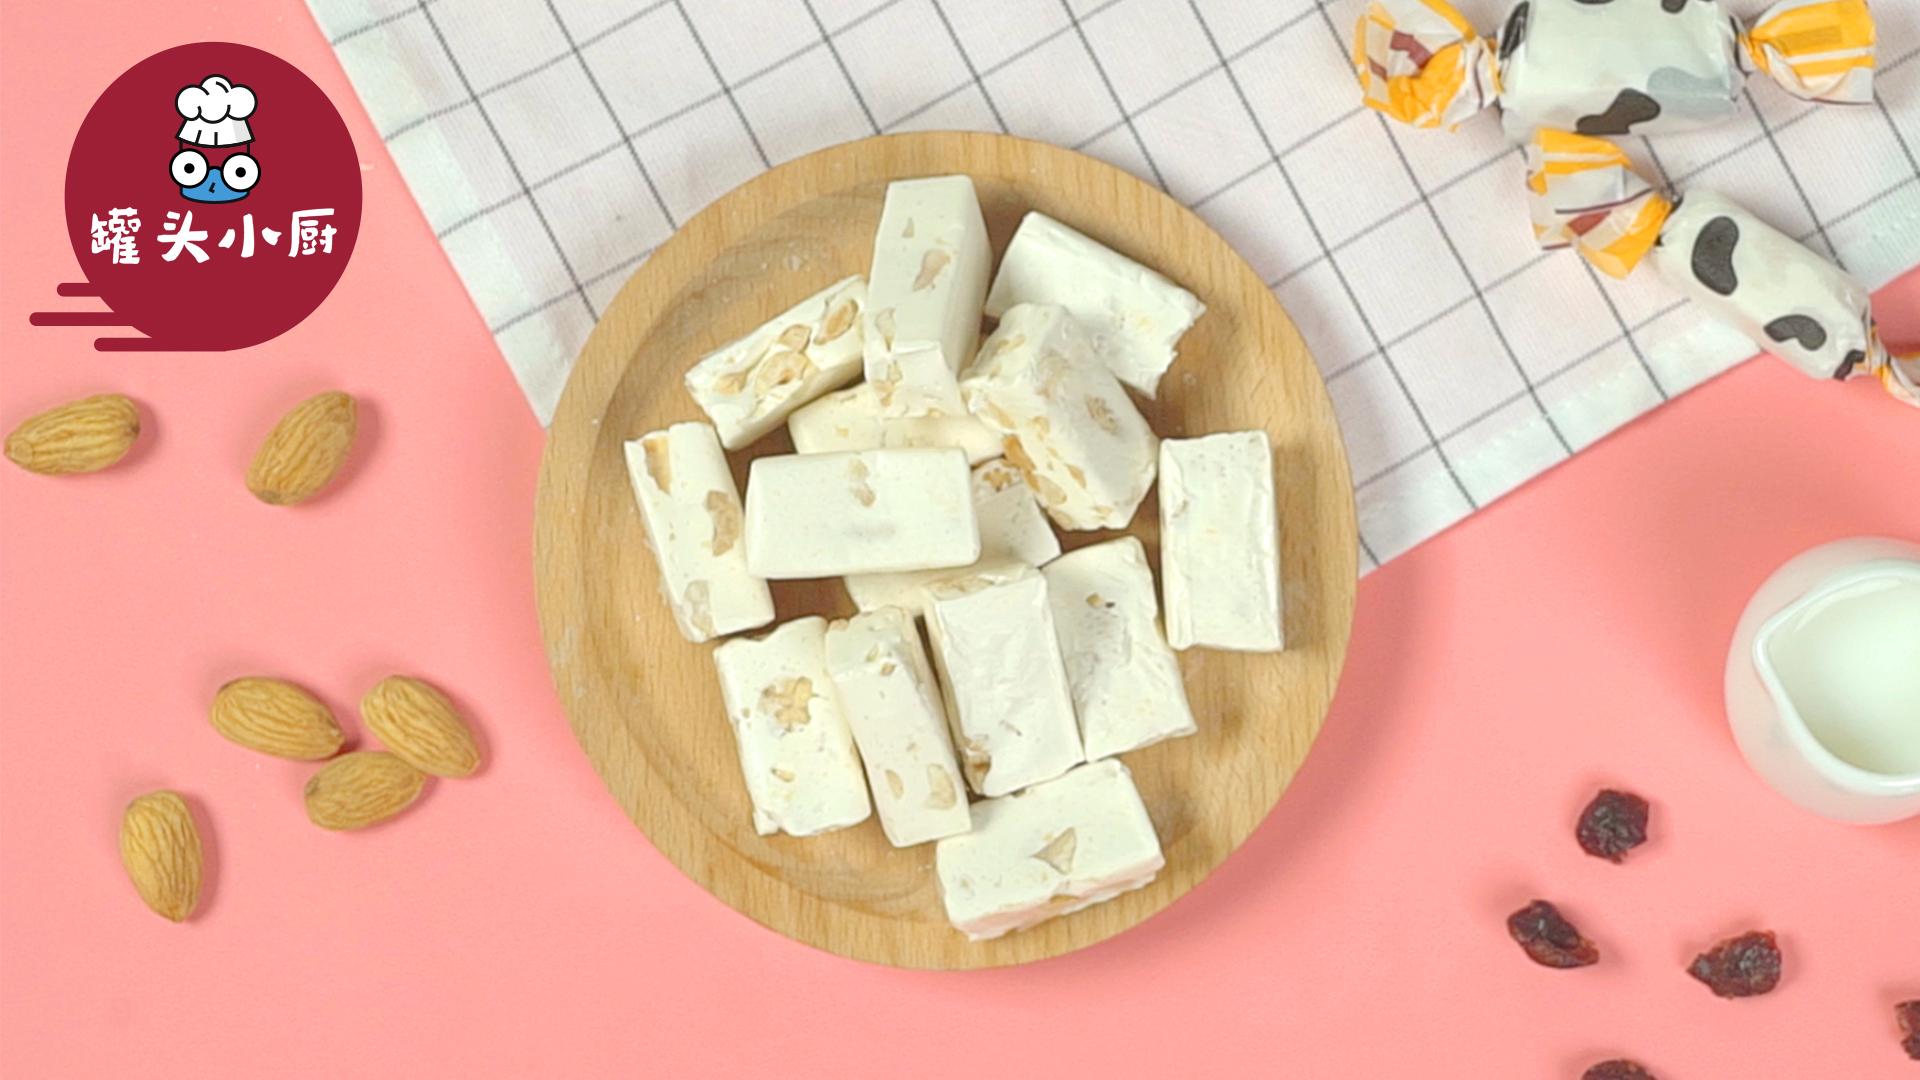 手工自制小零食牛轧糖,一个平底锅就可以解决!